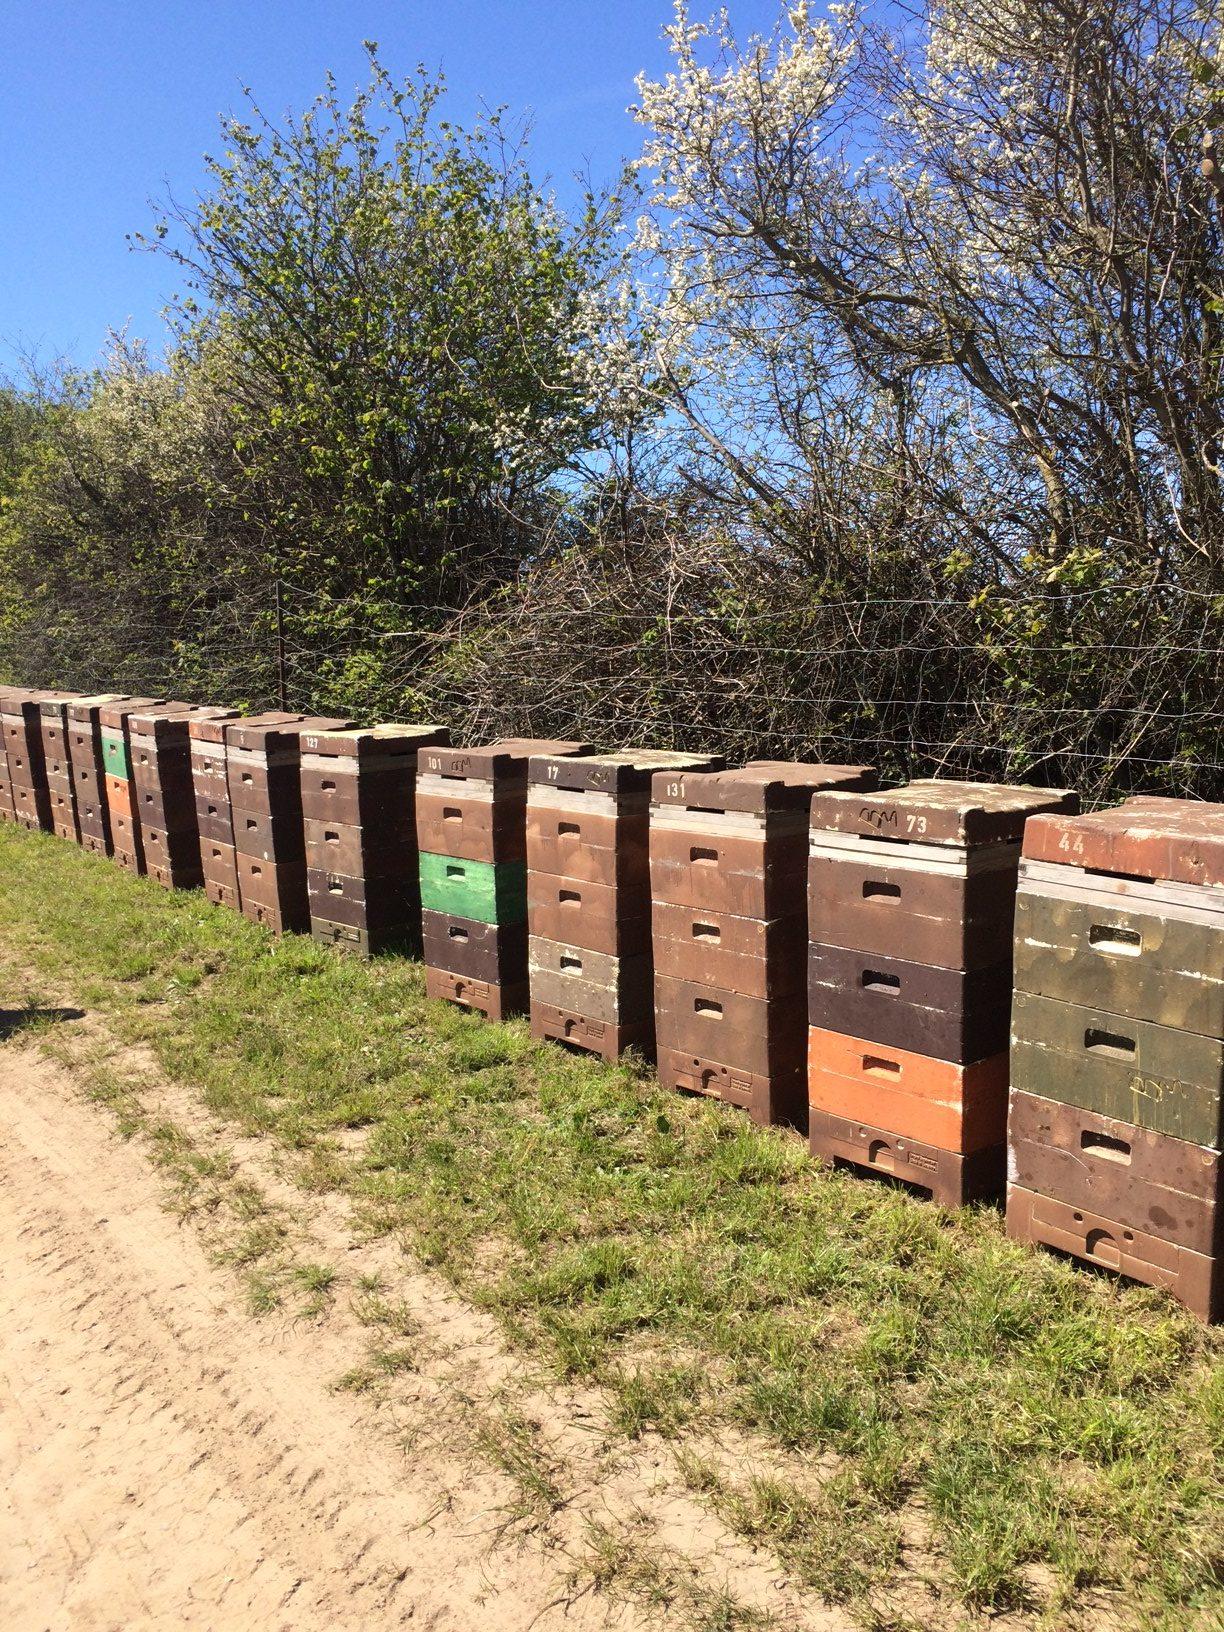 Bienenstöcke sind startklar